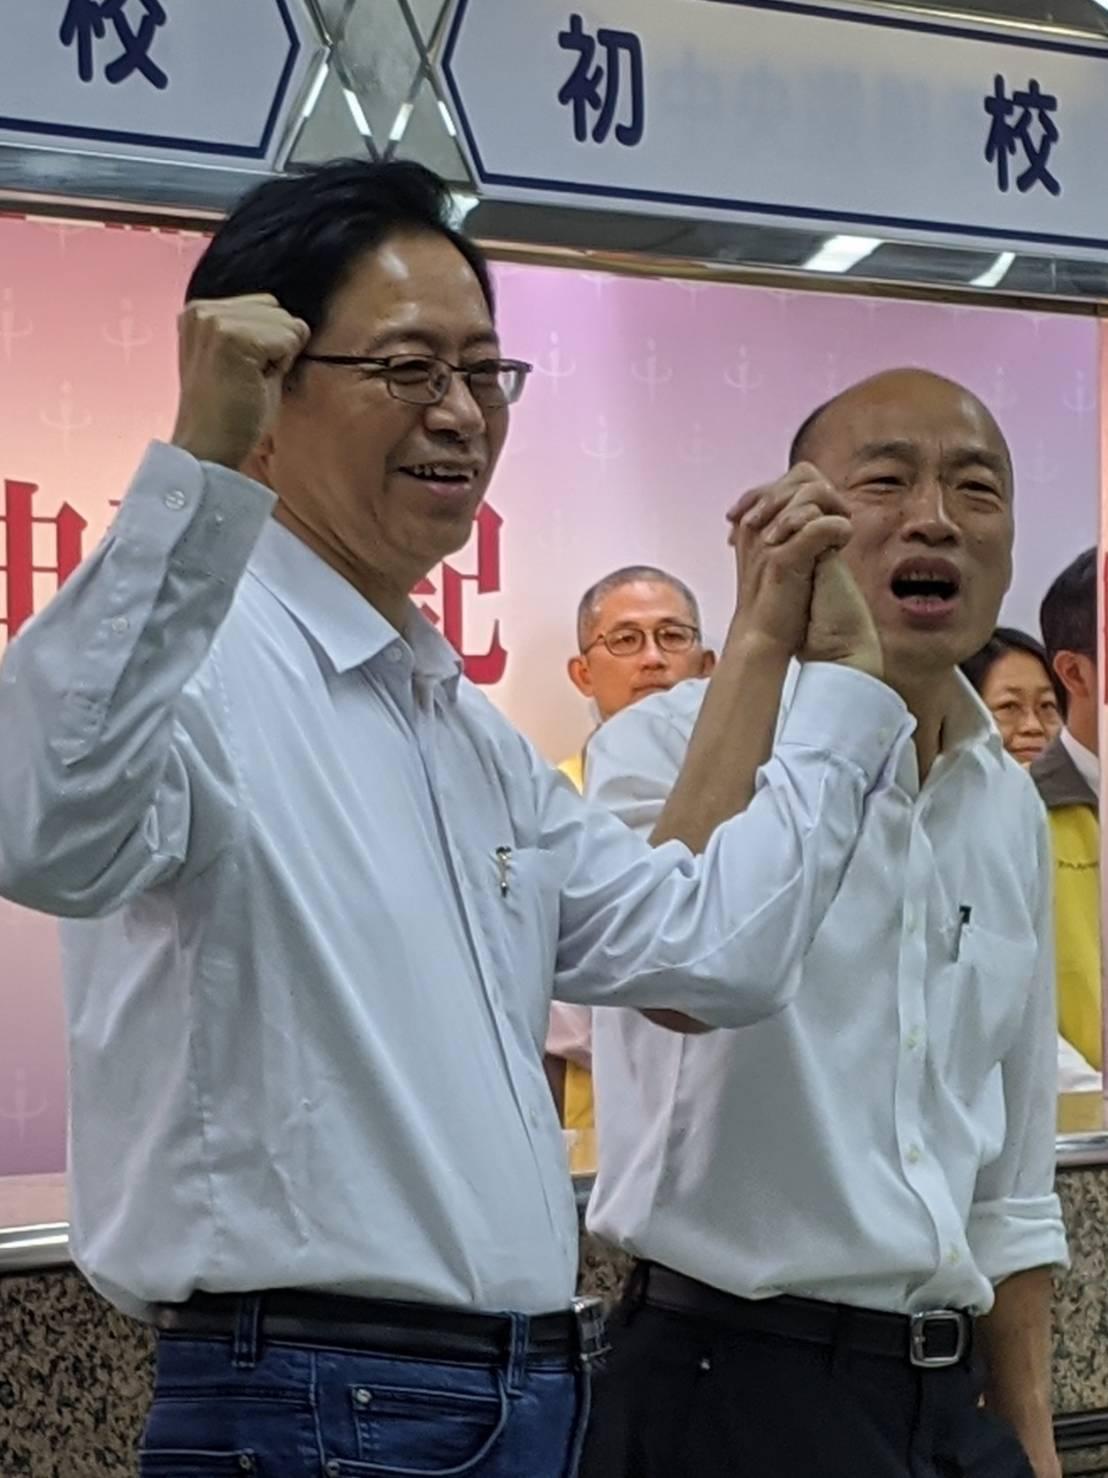 國民黨提名正副總統參選人韓國瑜(右)、張善政(左)。報系資料照片